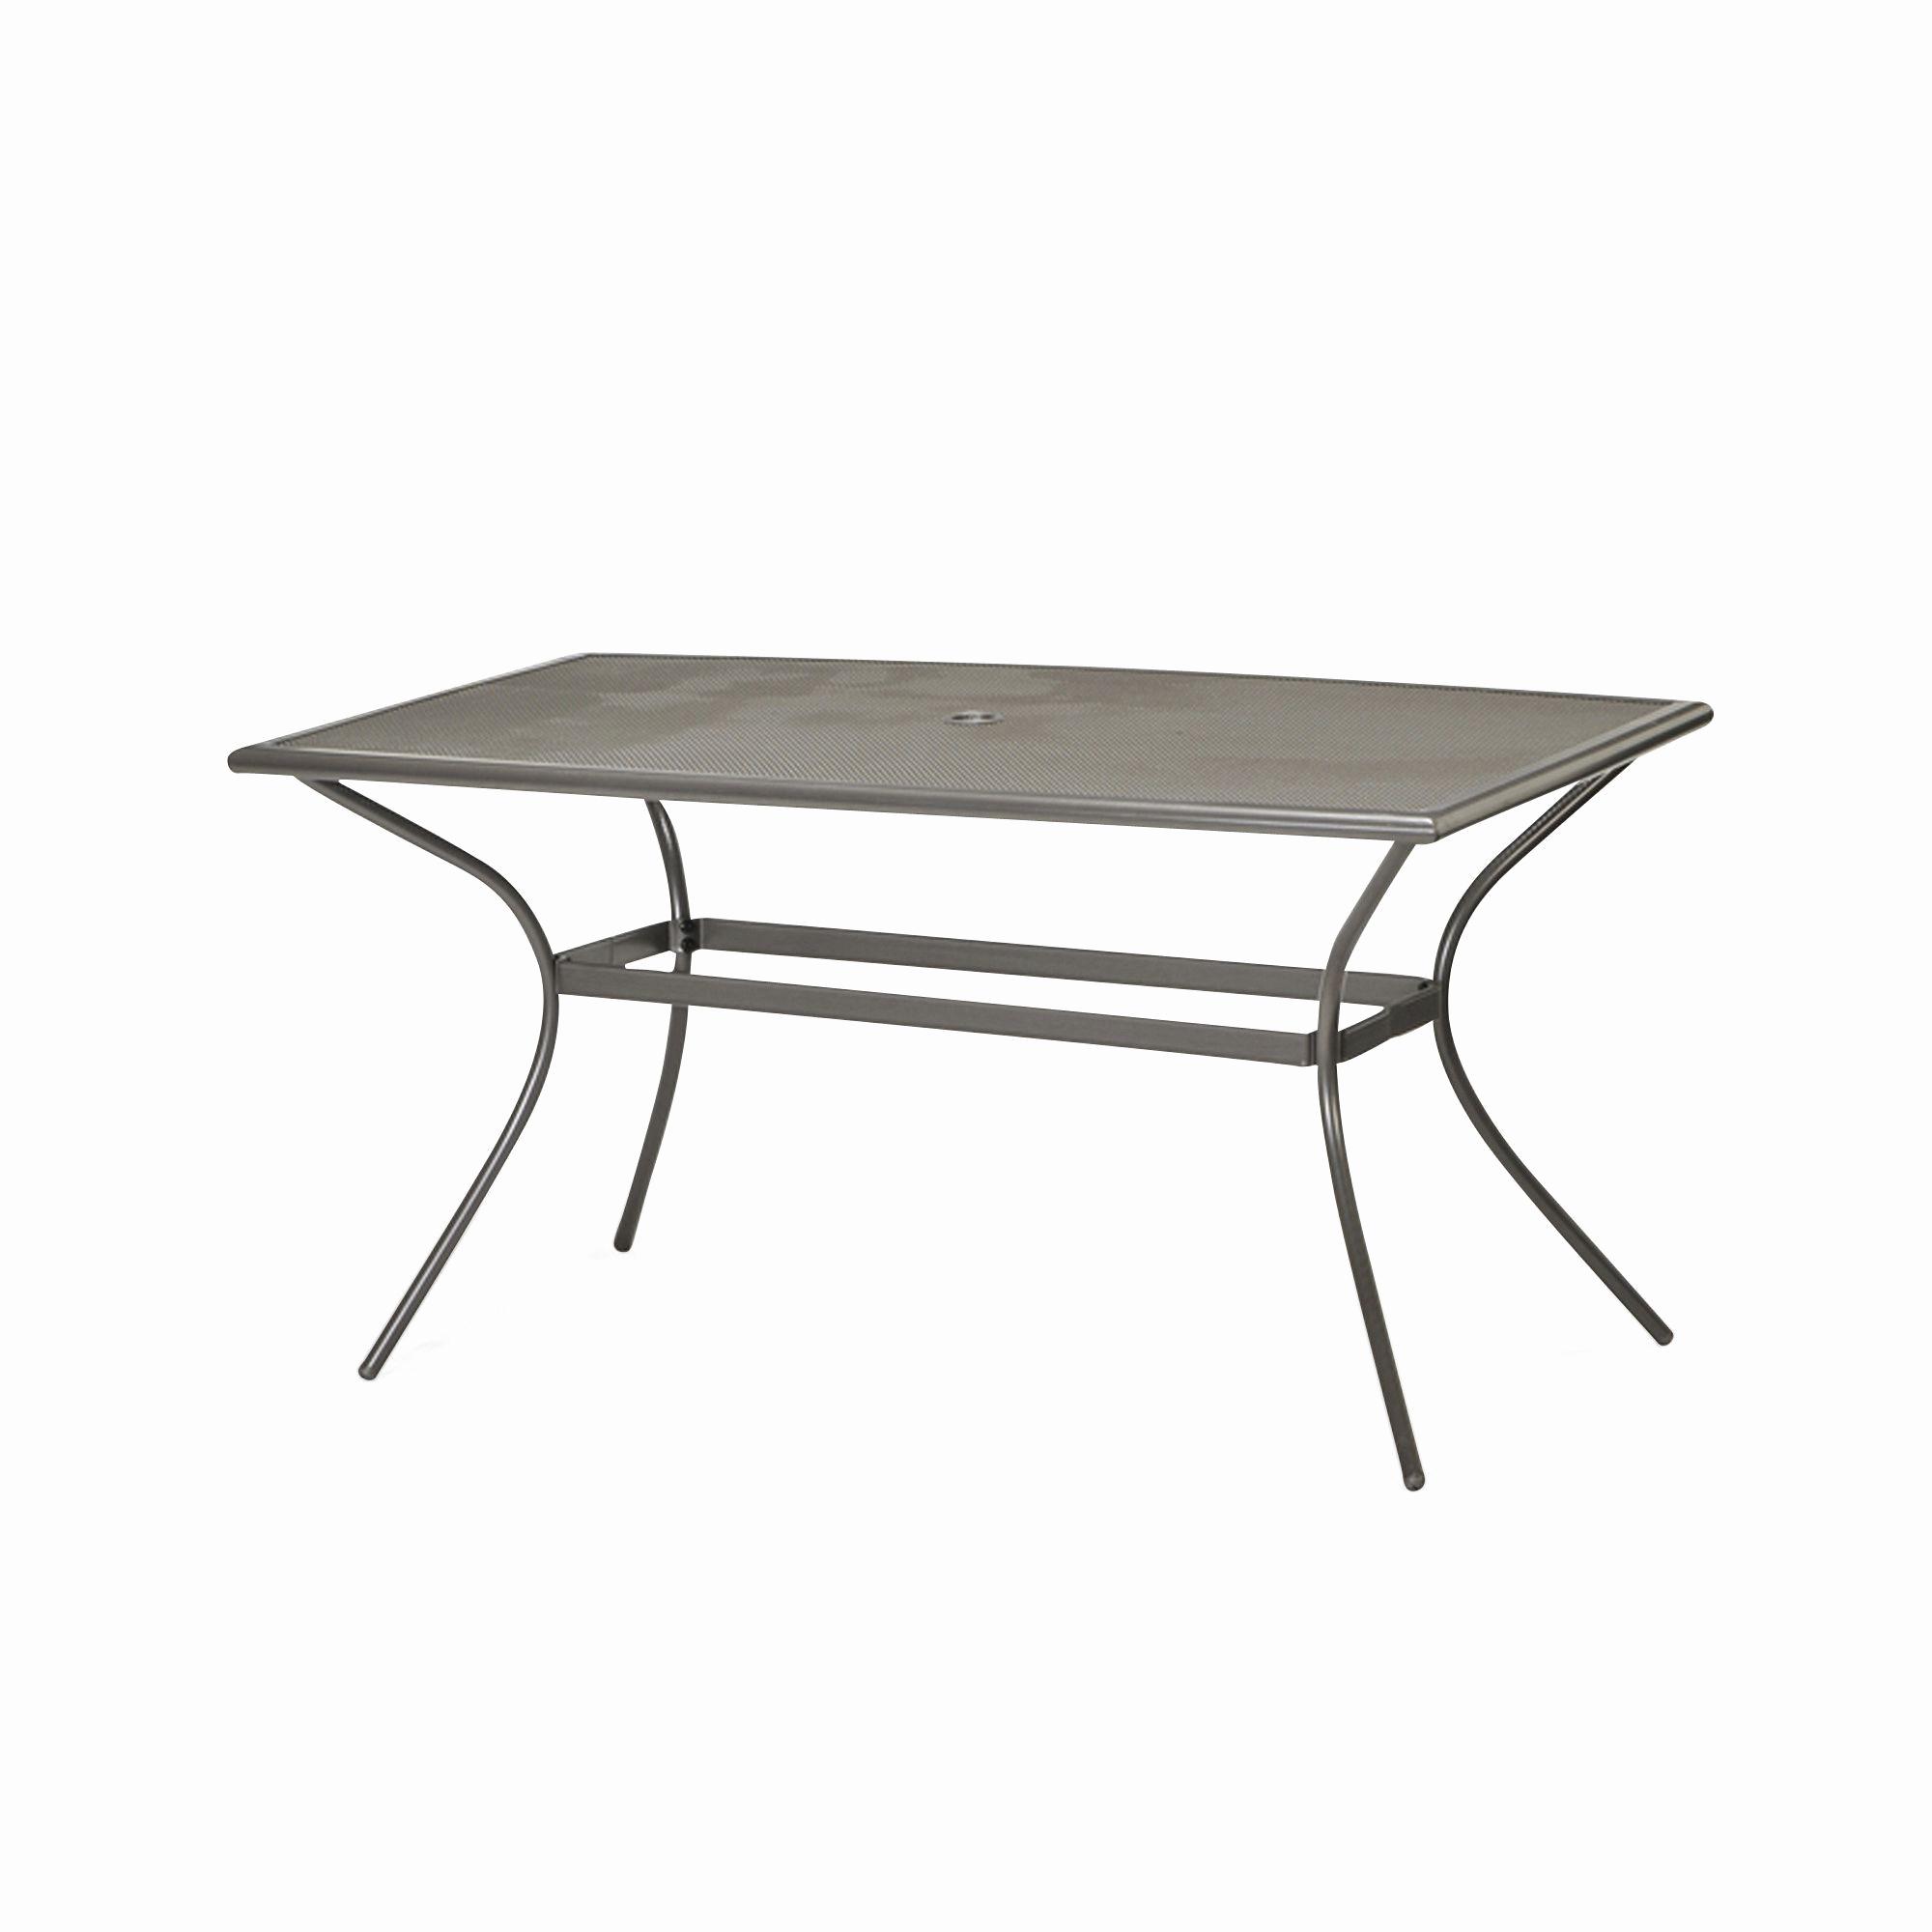 Petite Table Pliante Gifi Unique Collection Gifi Table Jardin Meilleur De Table De Jardin Gifi Aussi